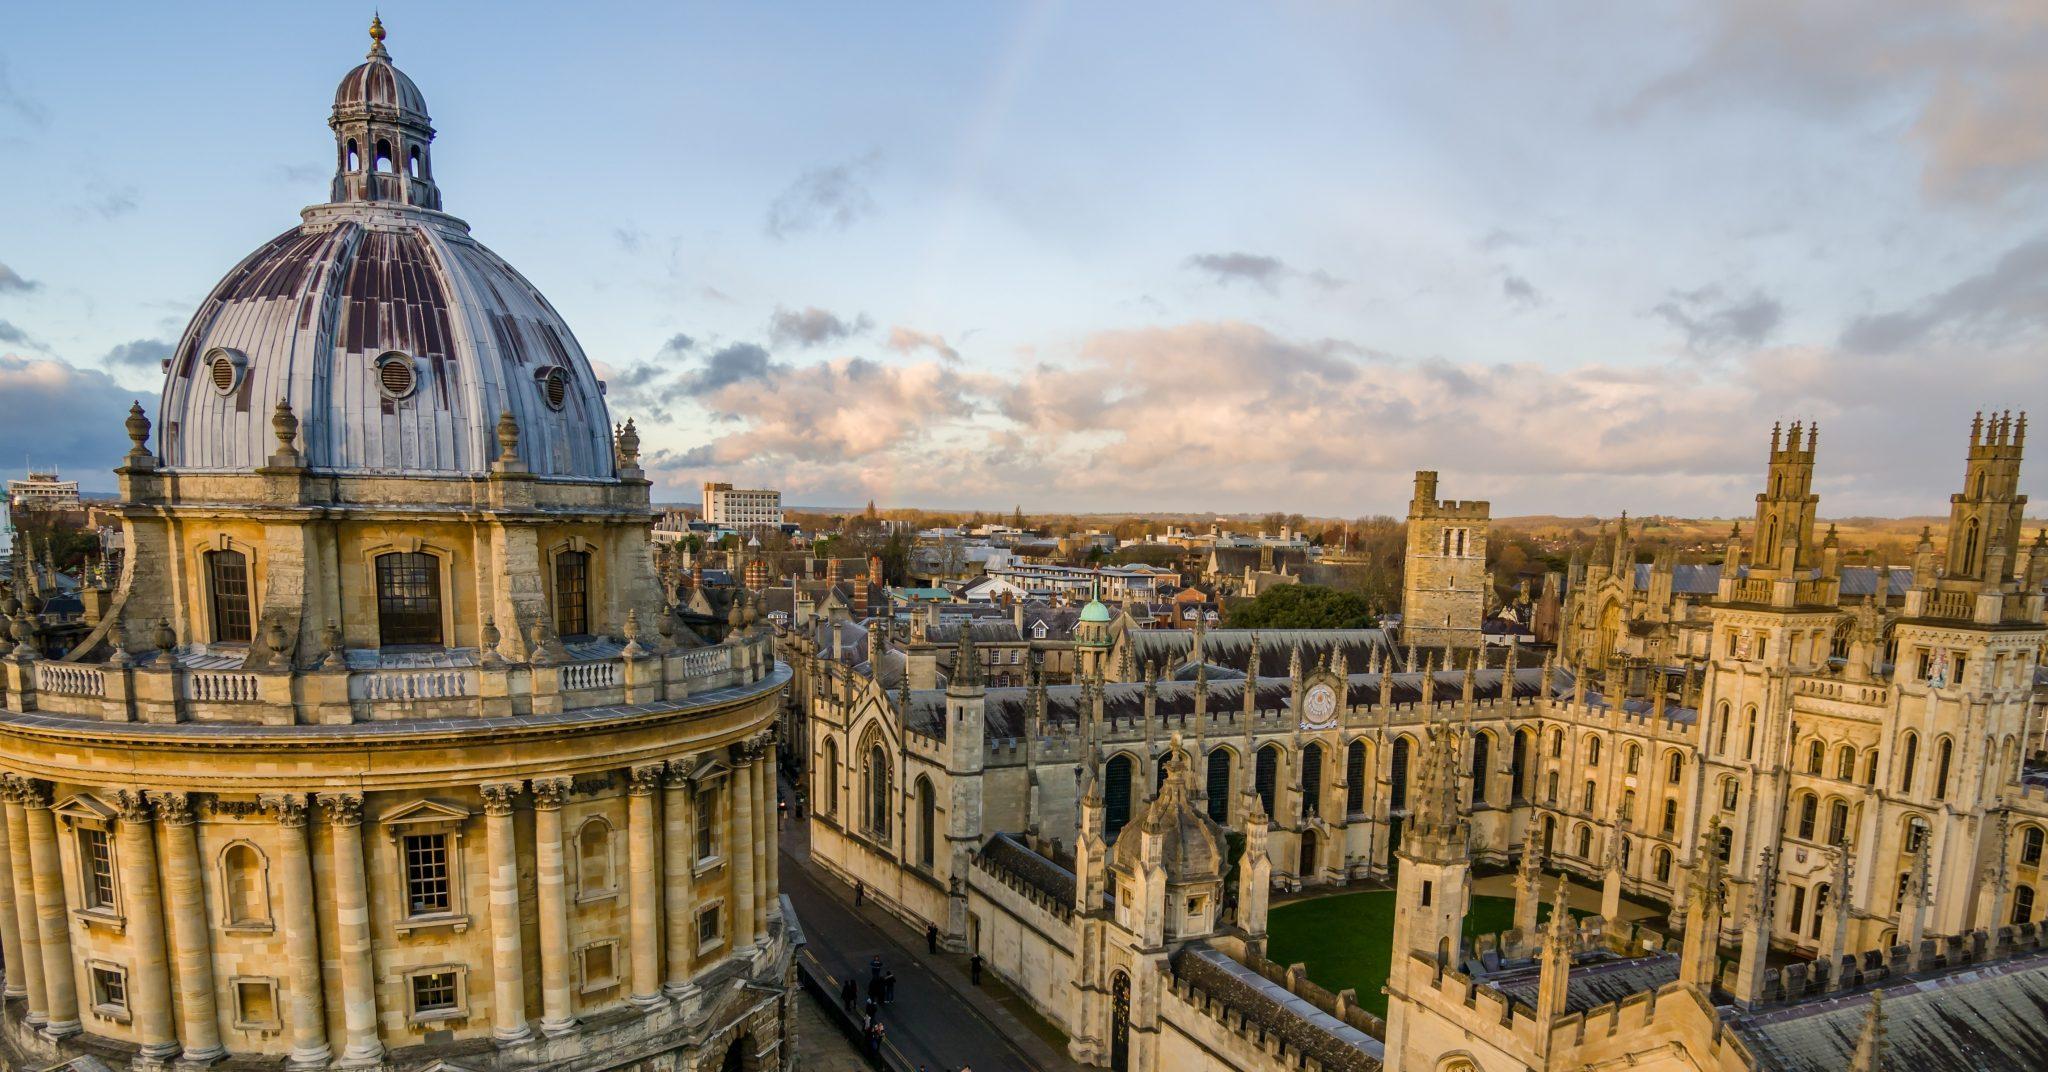 جامعة أكسفورد - أفضل خيار لمن يتركون المدارس من الإمارات العربية المتحدة